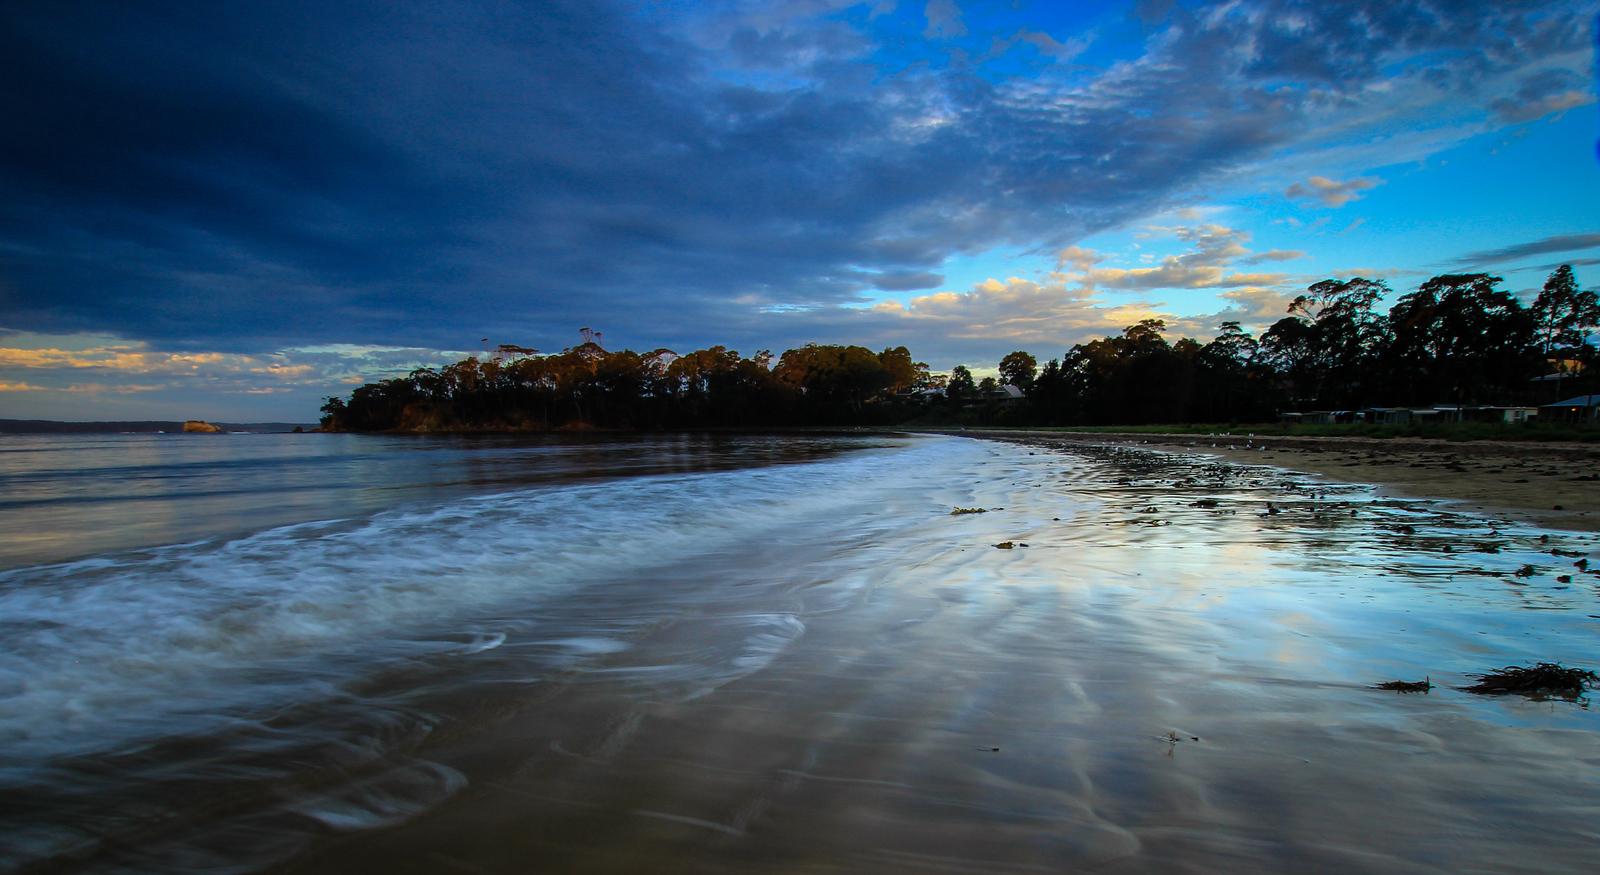 The shining shore